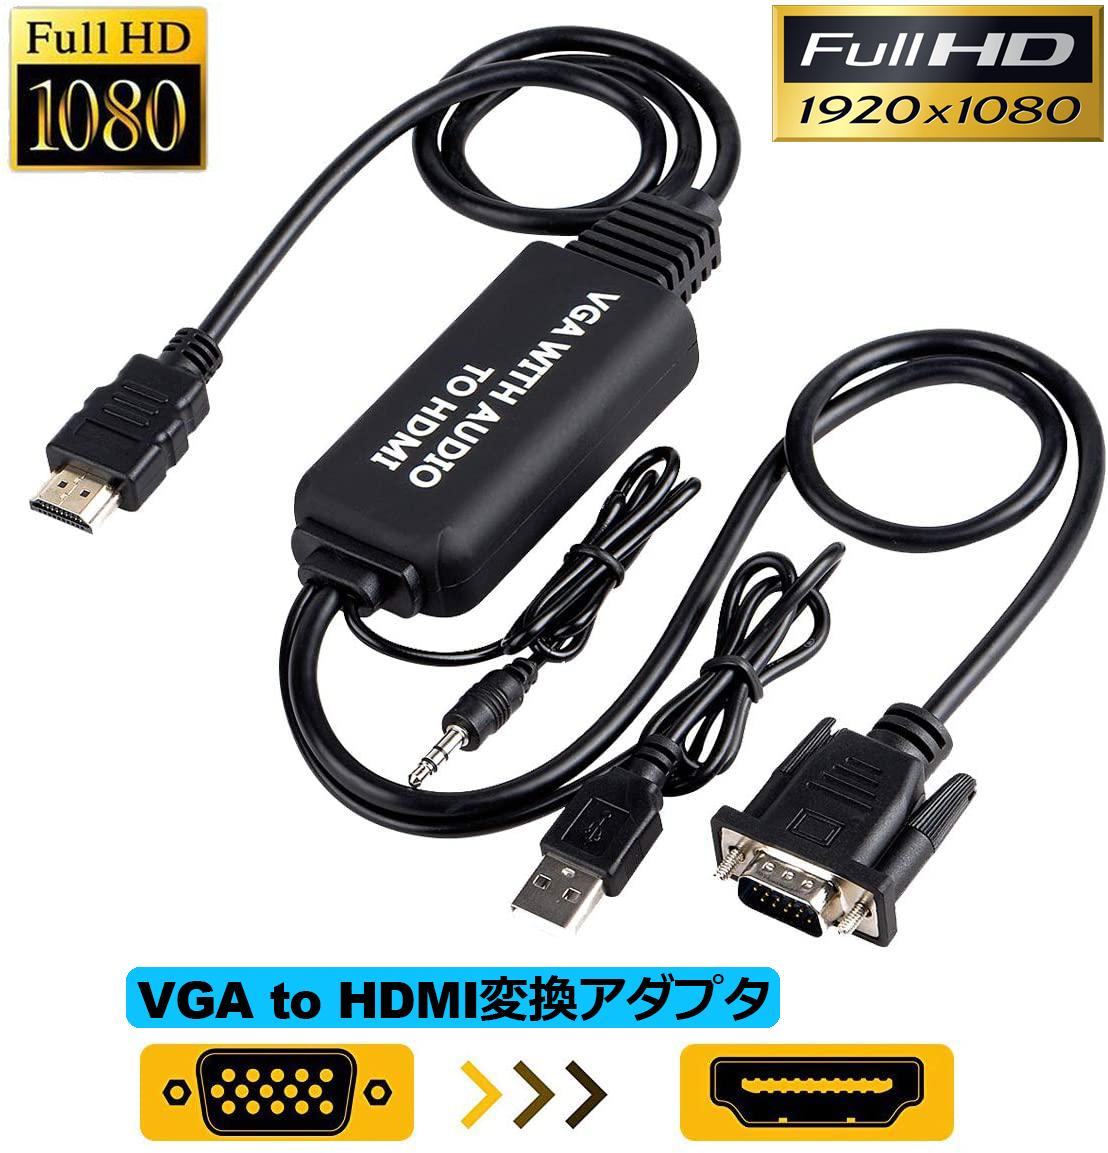 送料無料 12時まで当日発送予定 24時間以内お問い合わせ対応 贈与 キャンペーンもお見逃しなく 土日祝日店休日除く VGA to HDMI 変換アダプタ ケーブル 変換ケーブル VGA-HDMI変換アダプタ モニタ 1080P 高解像度 3.5mmオーディオコード付き PC 音声転送 パソコン 用 HDTV オーディオ